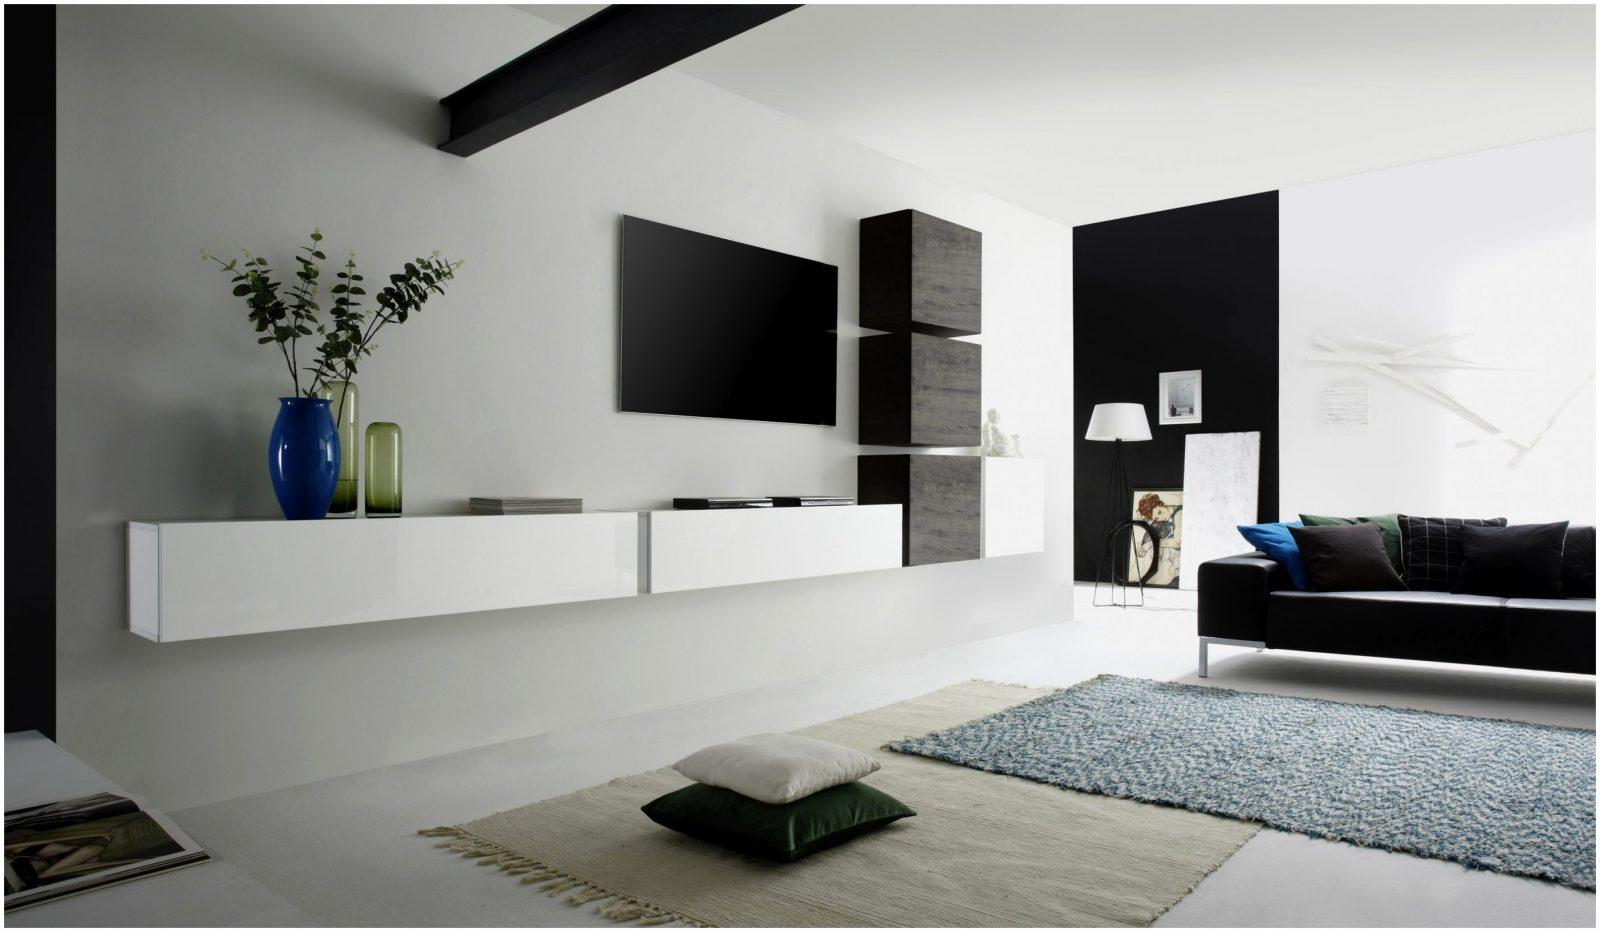 Wandfarbe Wohnzimmer Dunkle Möbel Design Was Solltest Du Tun von Wandfarbe Zu Dunklen Möbeln Photo